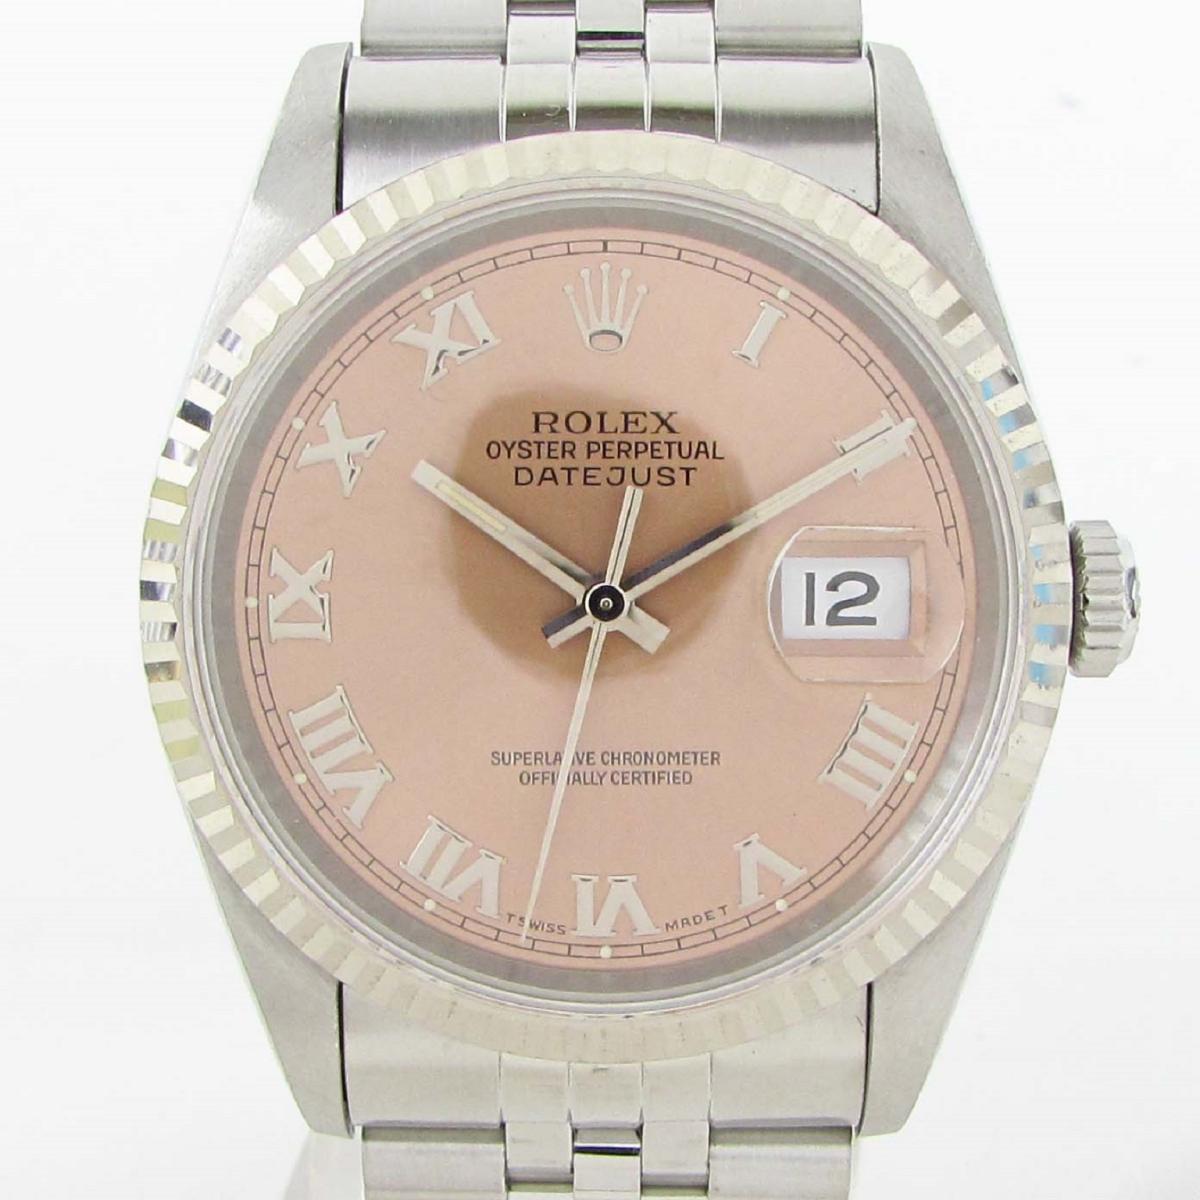 【中古】 ロレックス デイトジャスト ウォッチ 腕時計 メンズ 18Kホワイトゴールド x ステンレススチール (SS) (16234 S番) | ROLEX BRANDOFF ブランドオフ ブランド ブランド時計 ブランド腕時計 時計